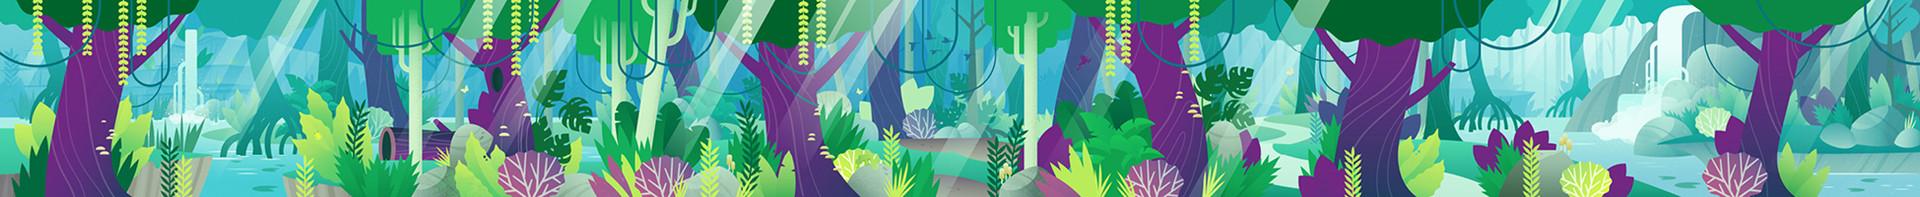 IDS Catalog Murals20.jpg